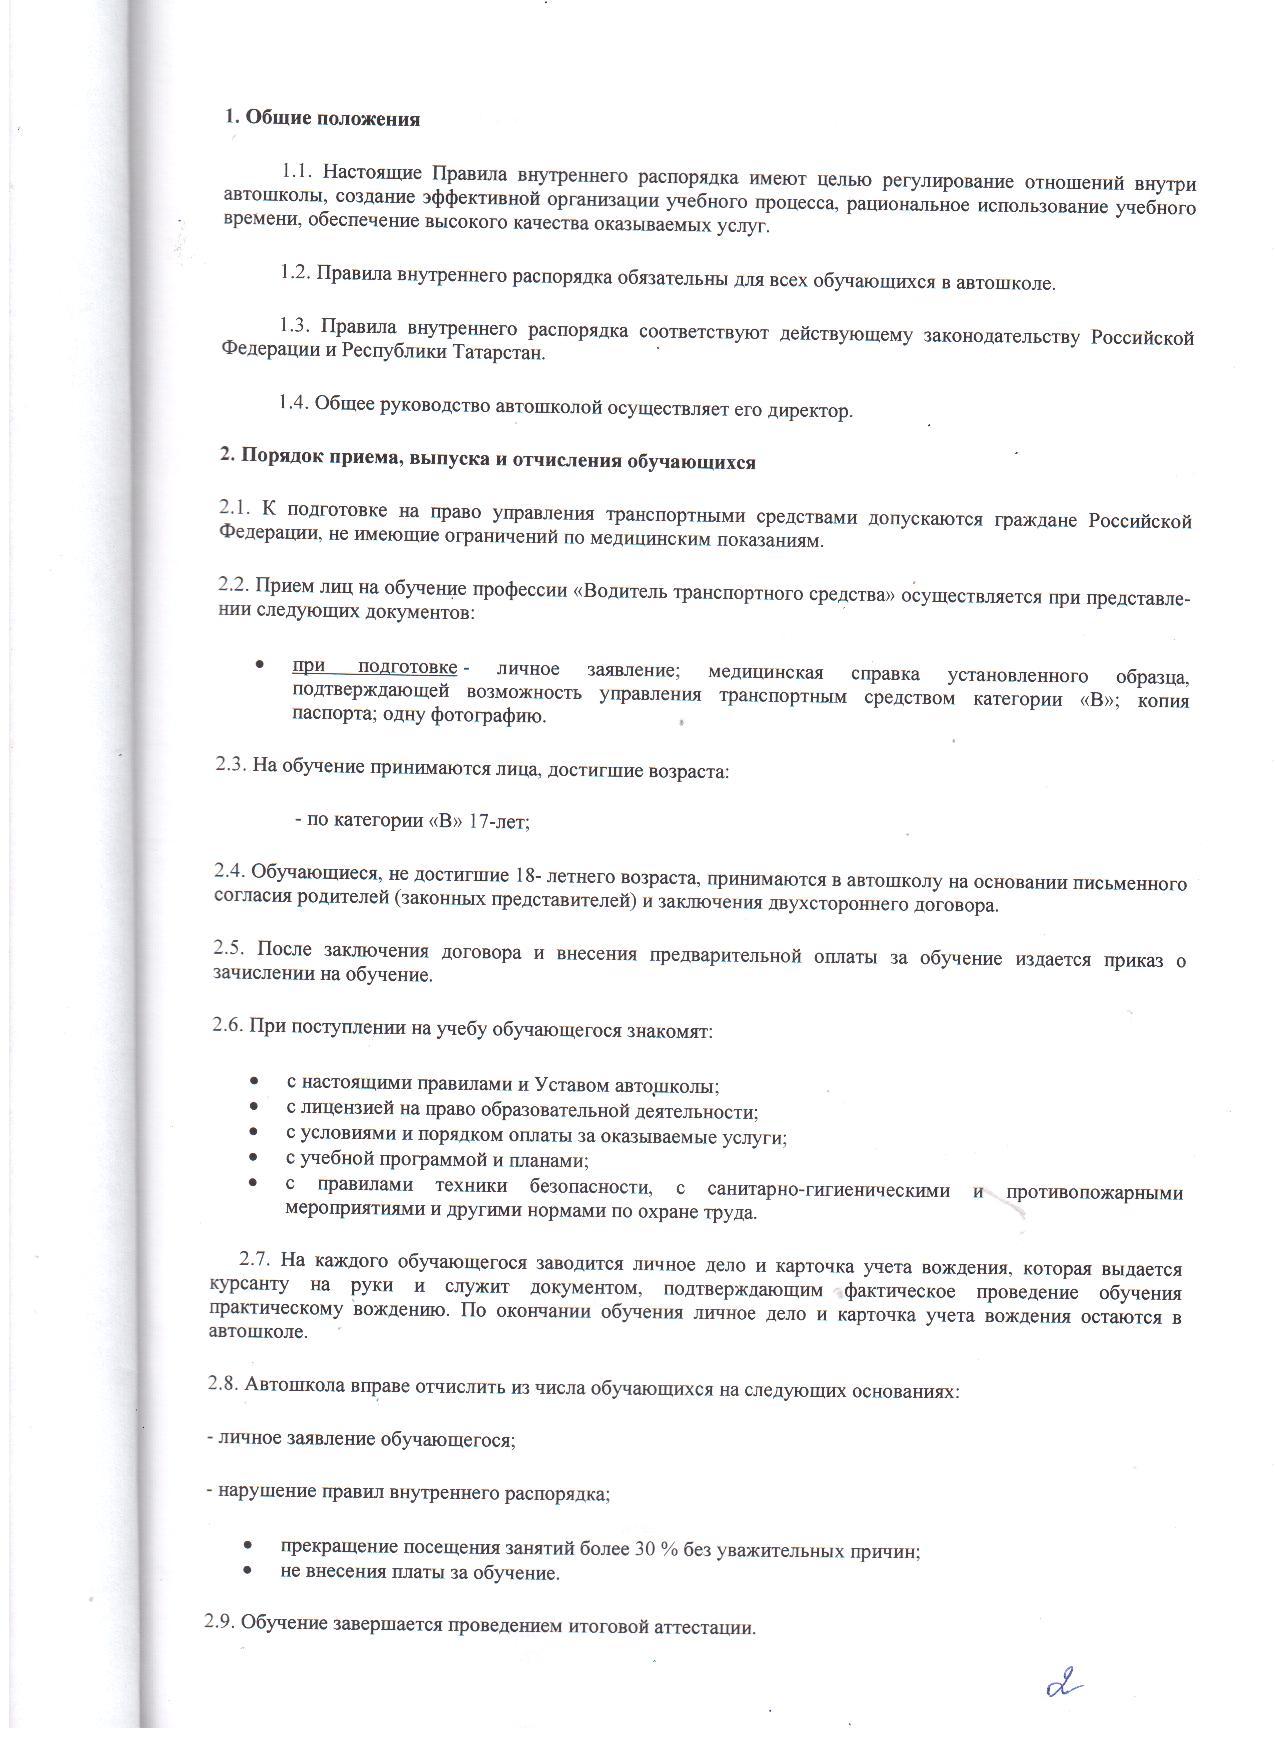 Правила внутреннего распорядка слушателей2